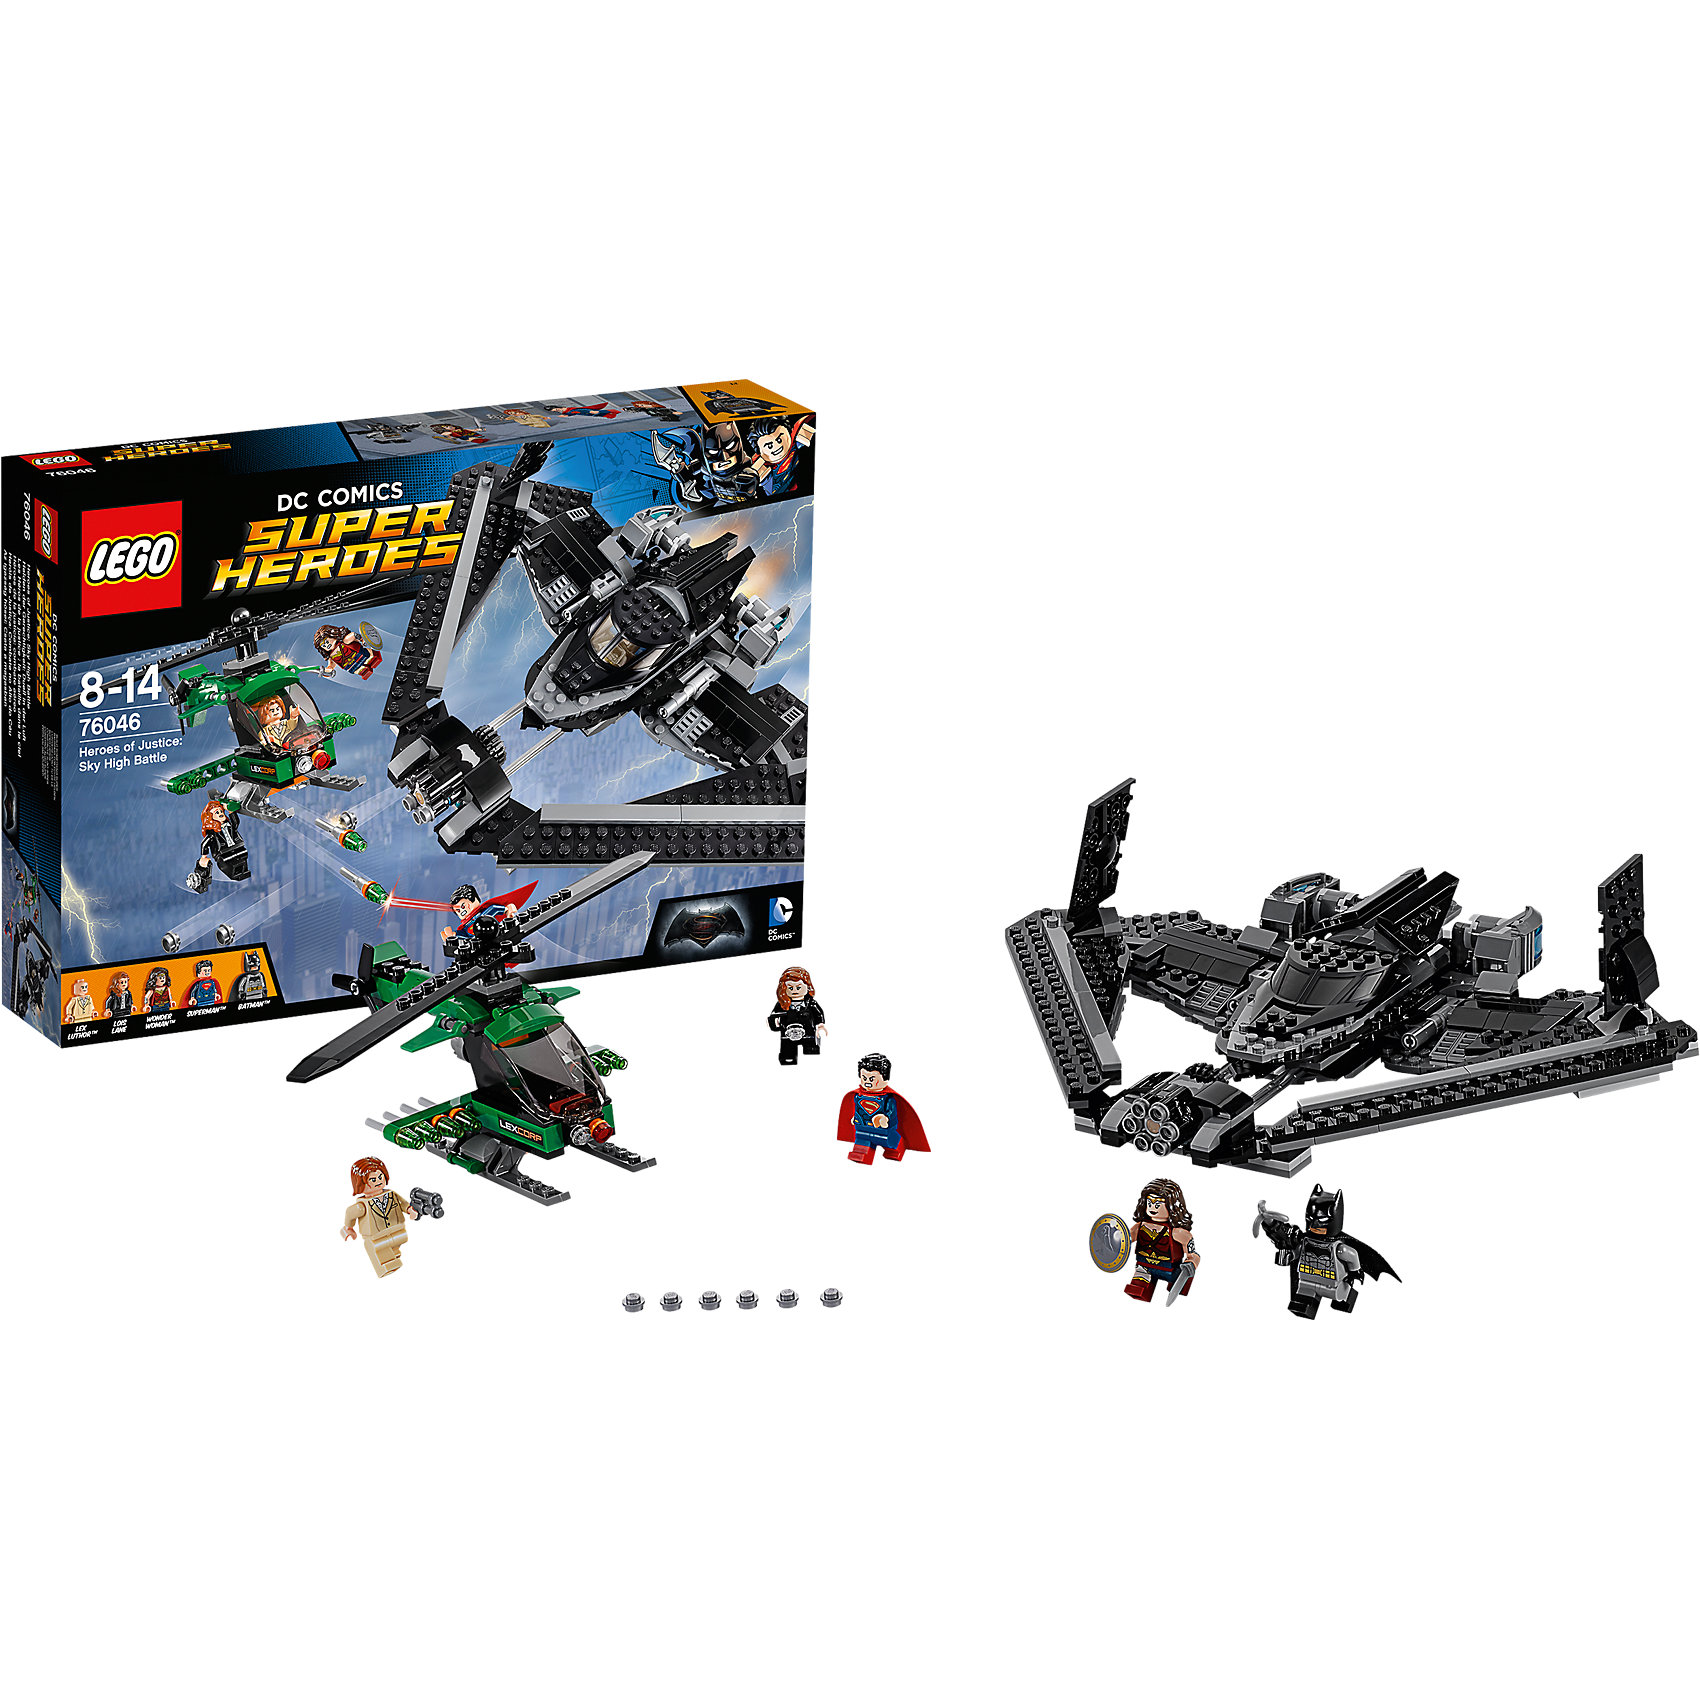 LEGO Super Heroes 76046: Поединок в небеОбъедини силы с Супергероями, чтобы бросить вызов Лексу Лютору в захватывающей битве высоко в небе над Метрополисом. Запусти Бэтмолёт с Бэтменом в кабине и разверни крылья. Отправляйся в полёт вместе с Суперменом и Чудо-женщиной, чтобы спасти Лоис от падения. Уворачивайся от криптонитовых маневренных ракет вертолета LexCorp и стреляй в ответ из потрясающего скорострельного шутера Бэтмолёта. Затем перенеси битву на улицы города, действуя захватным крюком Бэтмена.<br><br>LEGO Super Heroes (ЛЕГО Супер Герои) - серия конструкторов созданная специально по мотивам всеми известных комиксов. Спасай мир и борись со злом вместе с любимыми супергероями! Наборы серии можно комбинировать между собой, давая безграничные просторы для фантазии и придумывая свои новые истории. <br><br>Дополнительная информация:<br><br>- Конструкторы ЛЕГО развивают усидчивость, внимание, фантазию и мелкую моторику. <br>- 5 минифигурок в комплекте: Бэтмен, Чудо-женщина, Супермен, Лоис, Лекс Лютер. <br>- В комплекте 5 минифигурок, аксессуары, вертолет, Бэтмолёт.<br>- Количество деталей: 517.<br>- Серия ЛЕГО Супер Герои (LEGO Super Heroes).<br>- Материал: пластик.<br>- Размер упаковки: 38х7х26 см.<br>- Вес: 0.8 кг.<br><br>Конструктор LEGO Super Heroes 76046: Поединок в небе можно купить в нашем магазине.<br><br>Ширина мм: 383<br>Глубина мм: 266<br>Высота мм: 76<br>Вес г: 792<br>Возраст от месяцев: 96<br>Возраст до месяцев: 168<br>Пол: Мужской<br>Возраст: Детский<br>SKU: 4259156